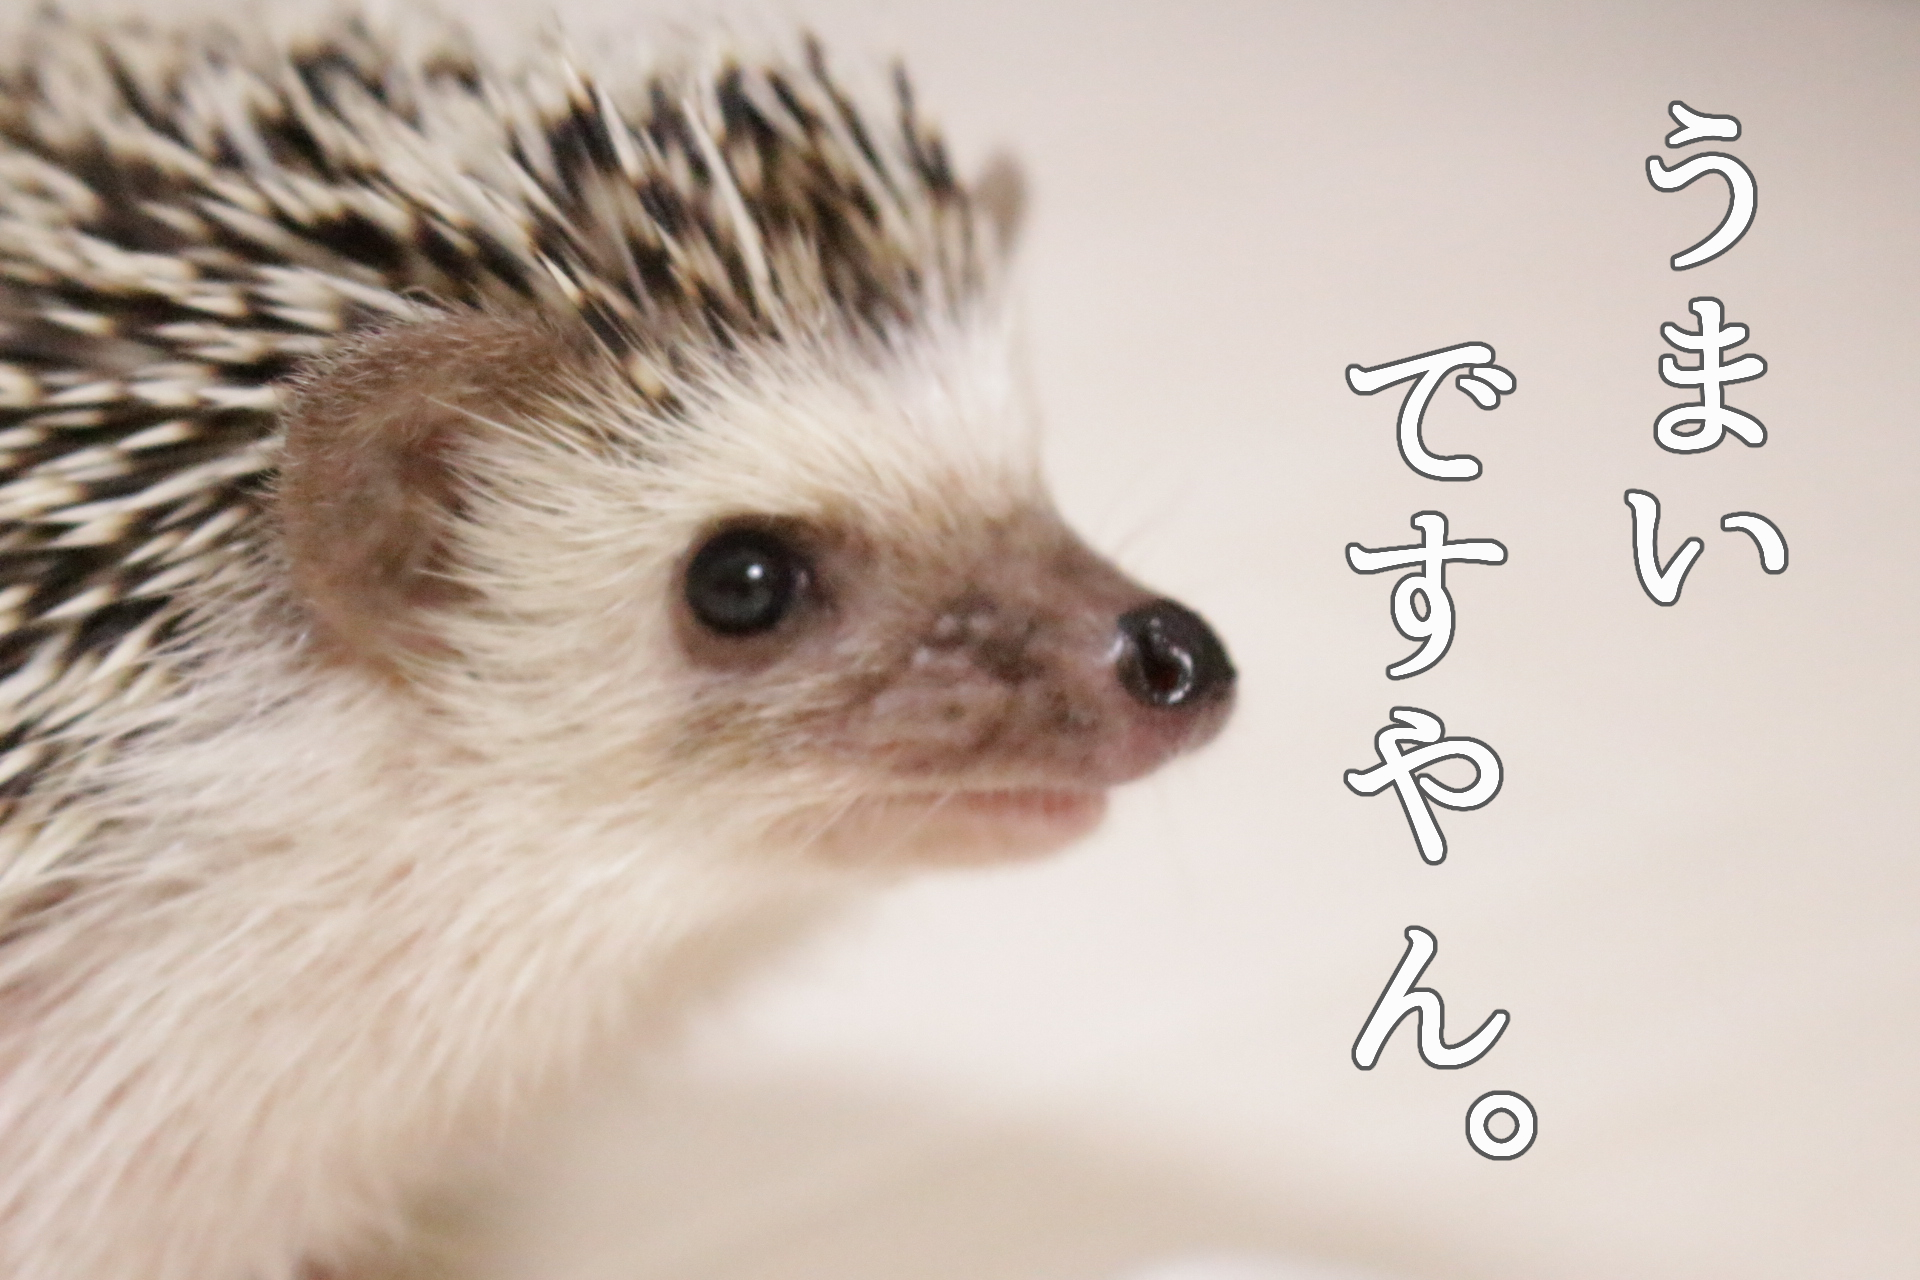 ハリネズミ ジクラアギト小動物万能ゼリー